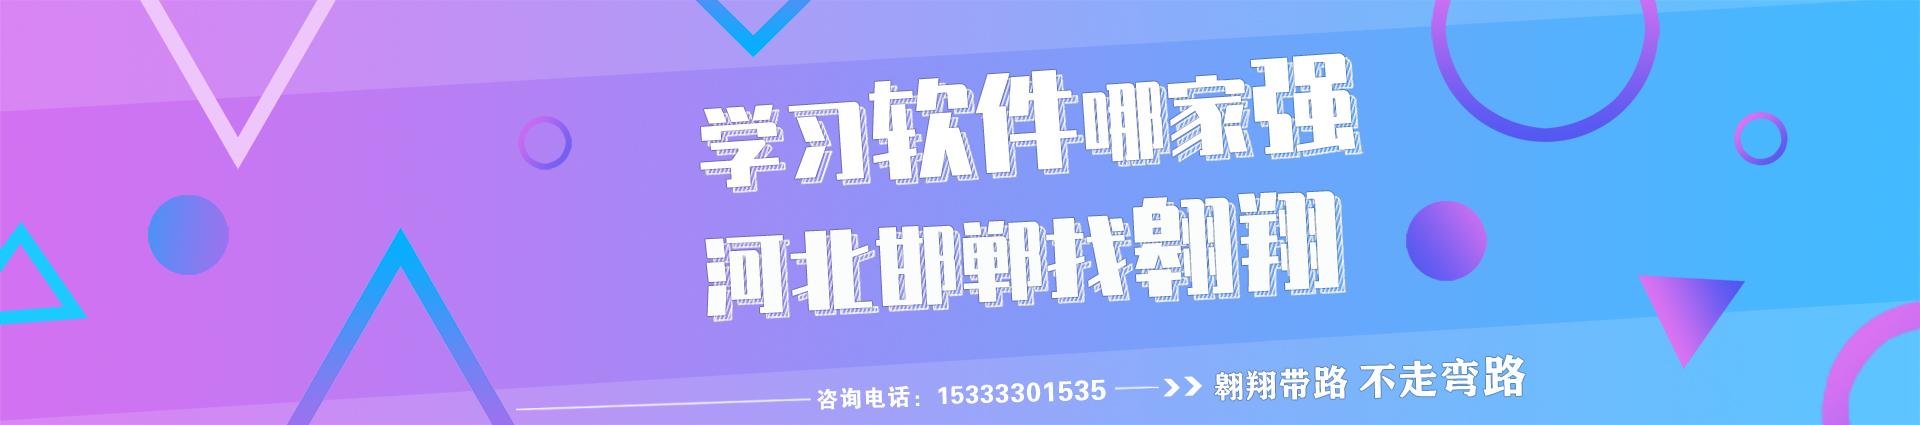 学习软件哪家强 河北邯郸找翱翔